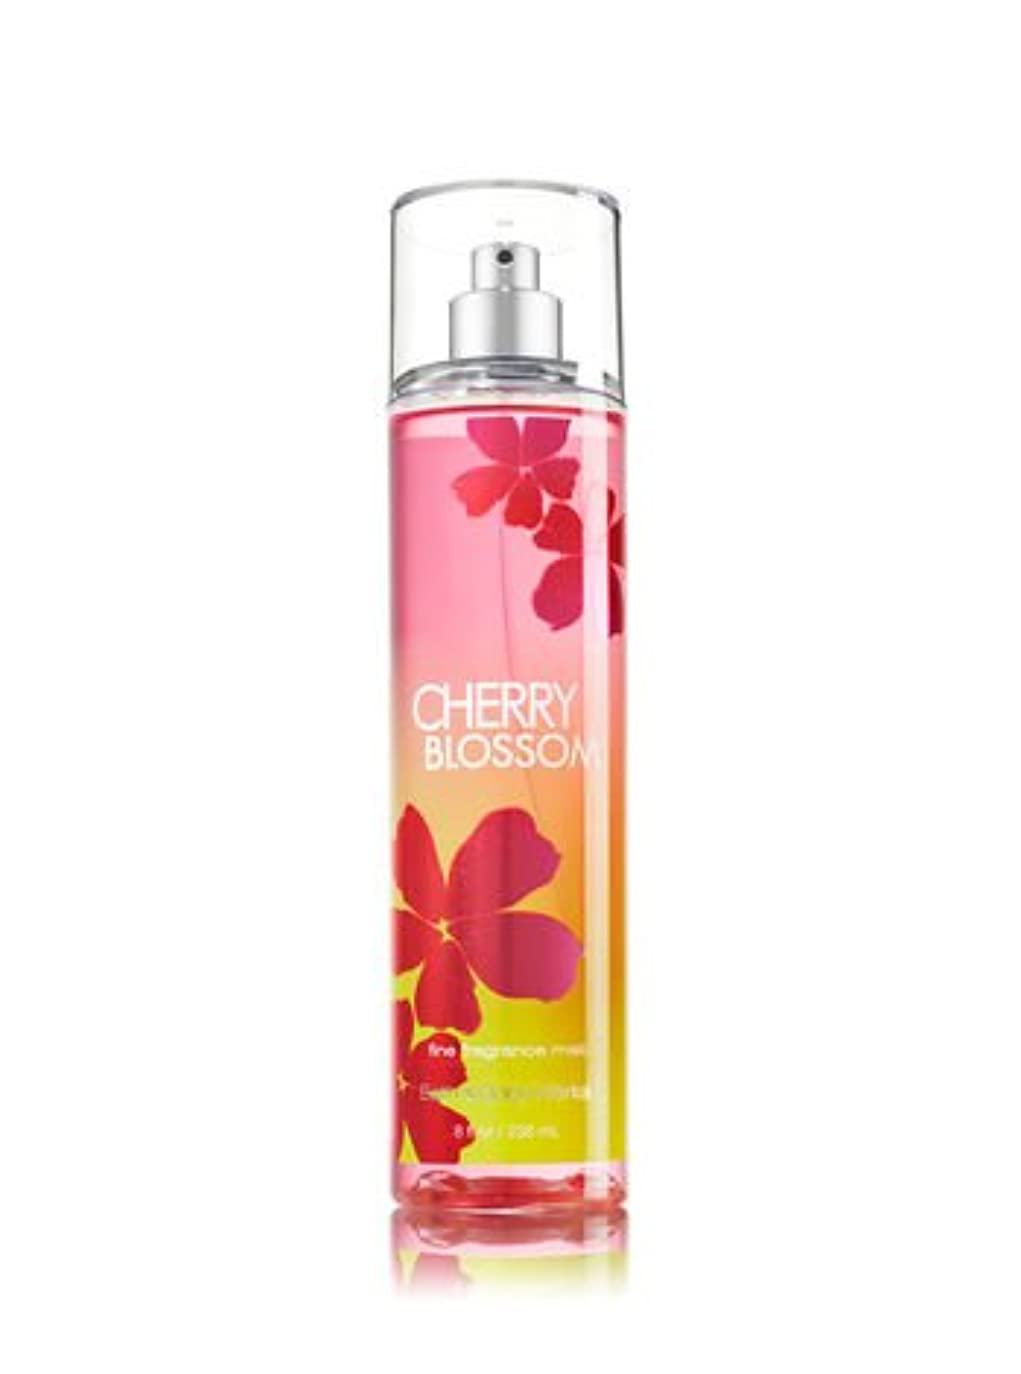 圧縮タンパク質進化【バス&ボディワークス】 Fine Fragrance Mist/ファインフレグランスミスト Cherry Blossom [海外直送品]